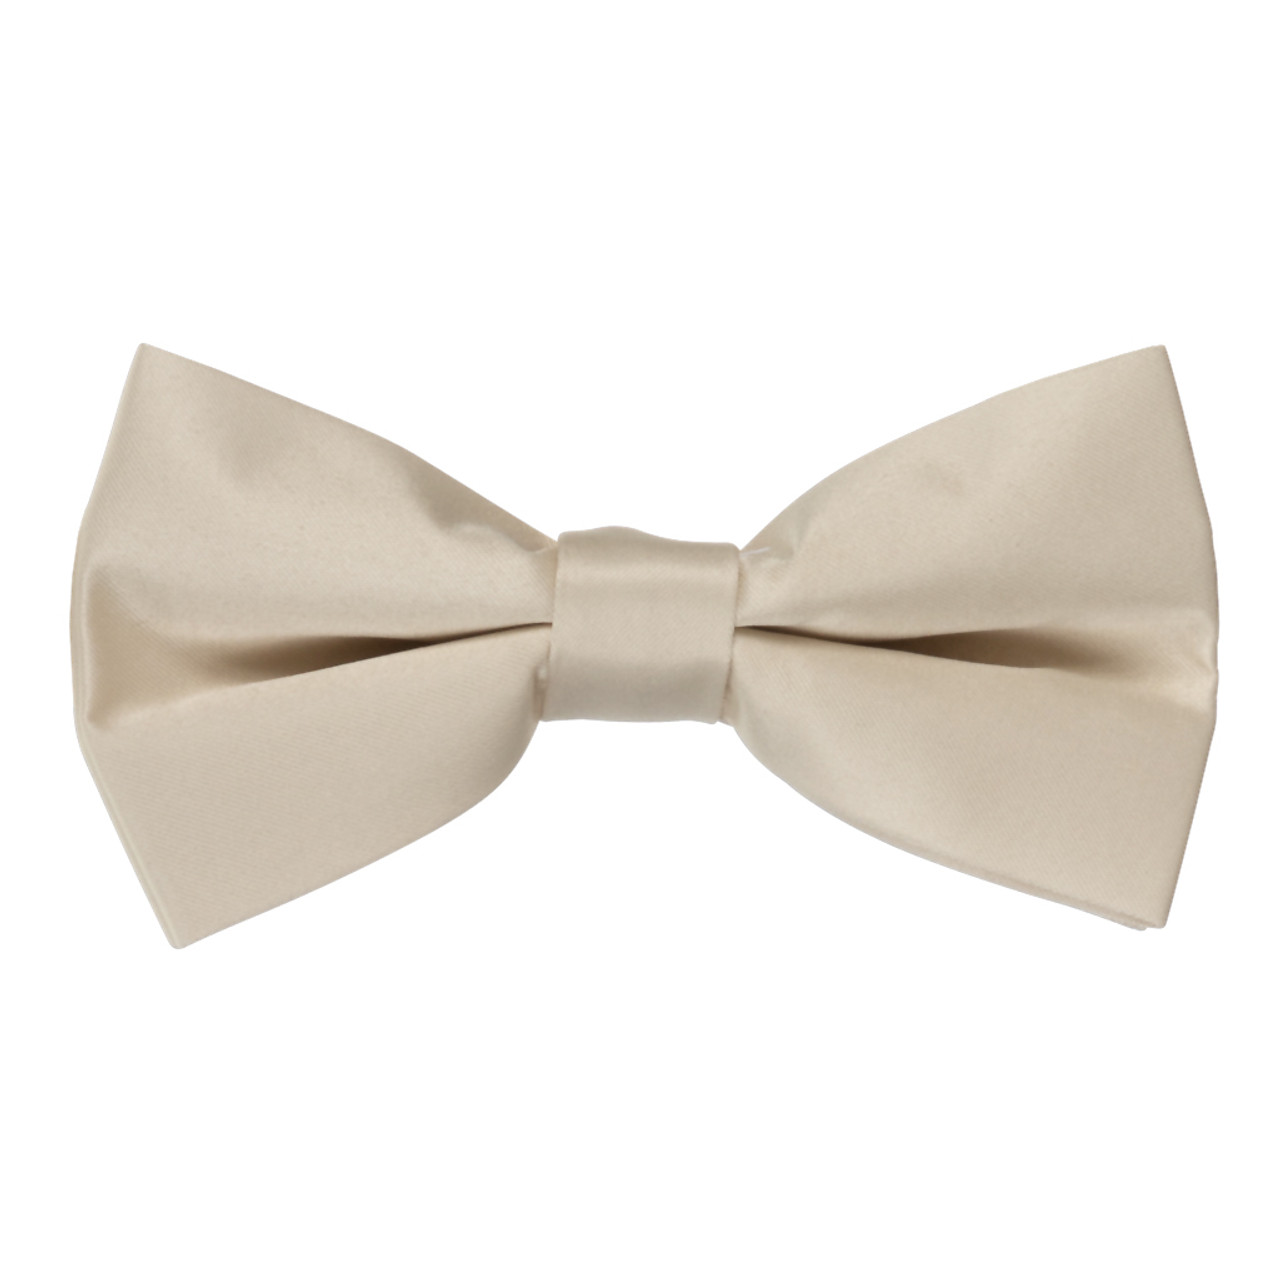 Dark Brown Canvas Bow Tie Adjustable Pre-tied Clip-on  Bow Tie Necktie Ties